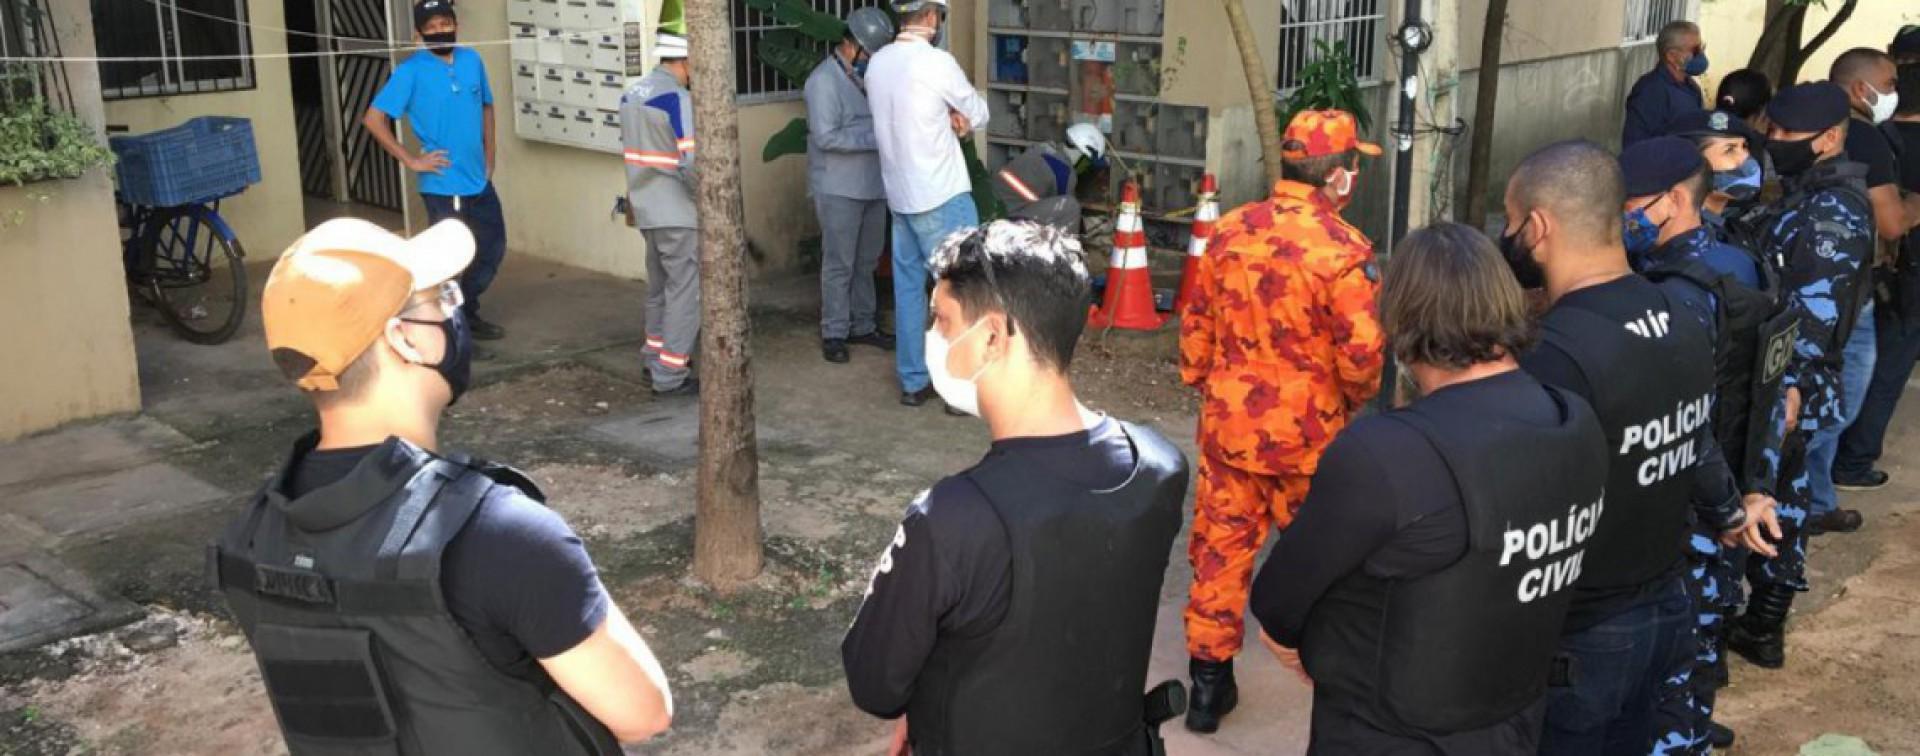 Operação policial em Fortaleza (Foto: WhatsApp)